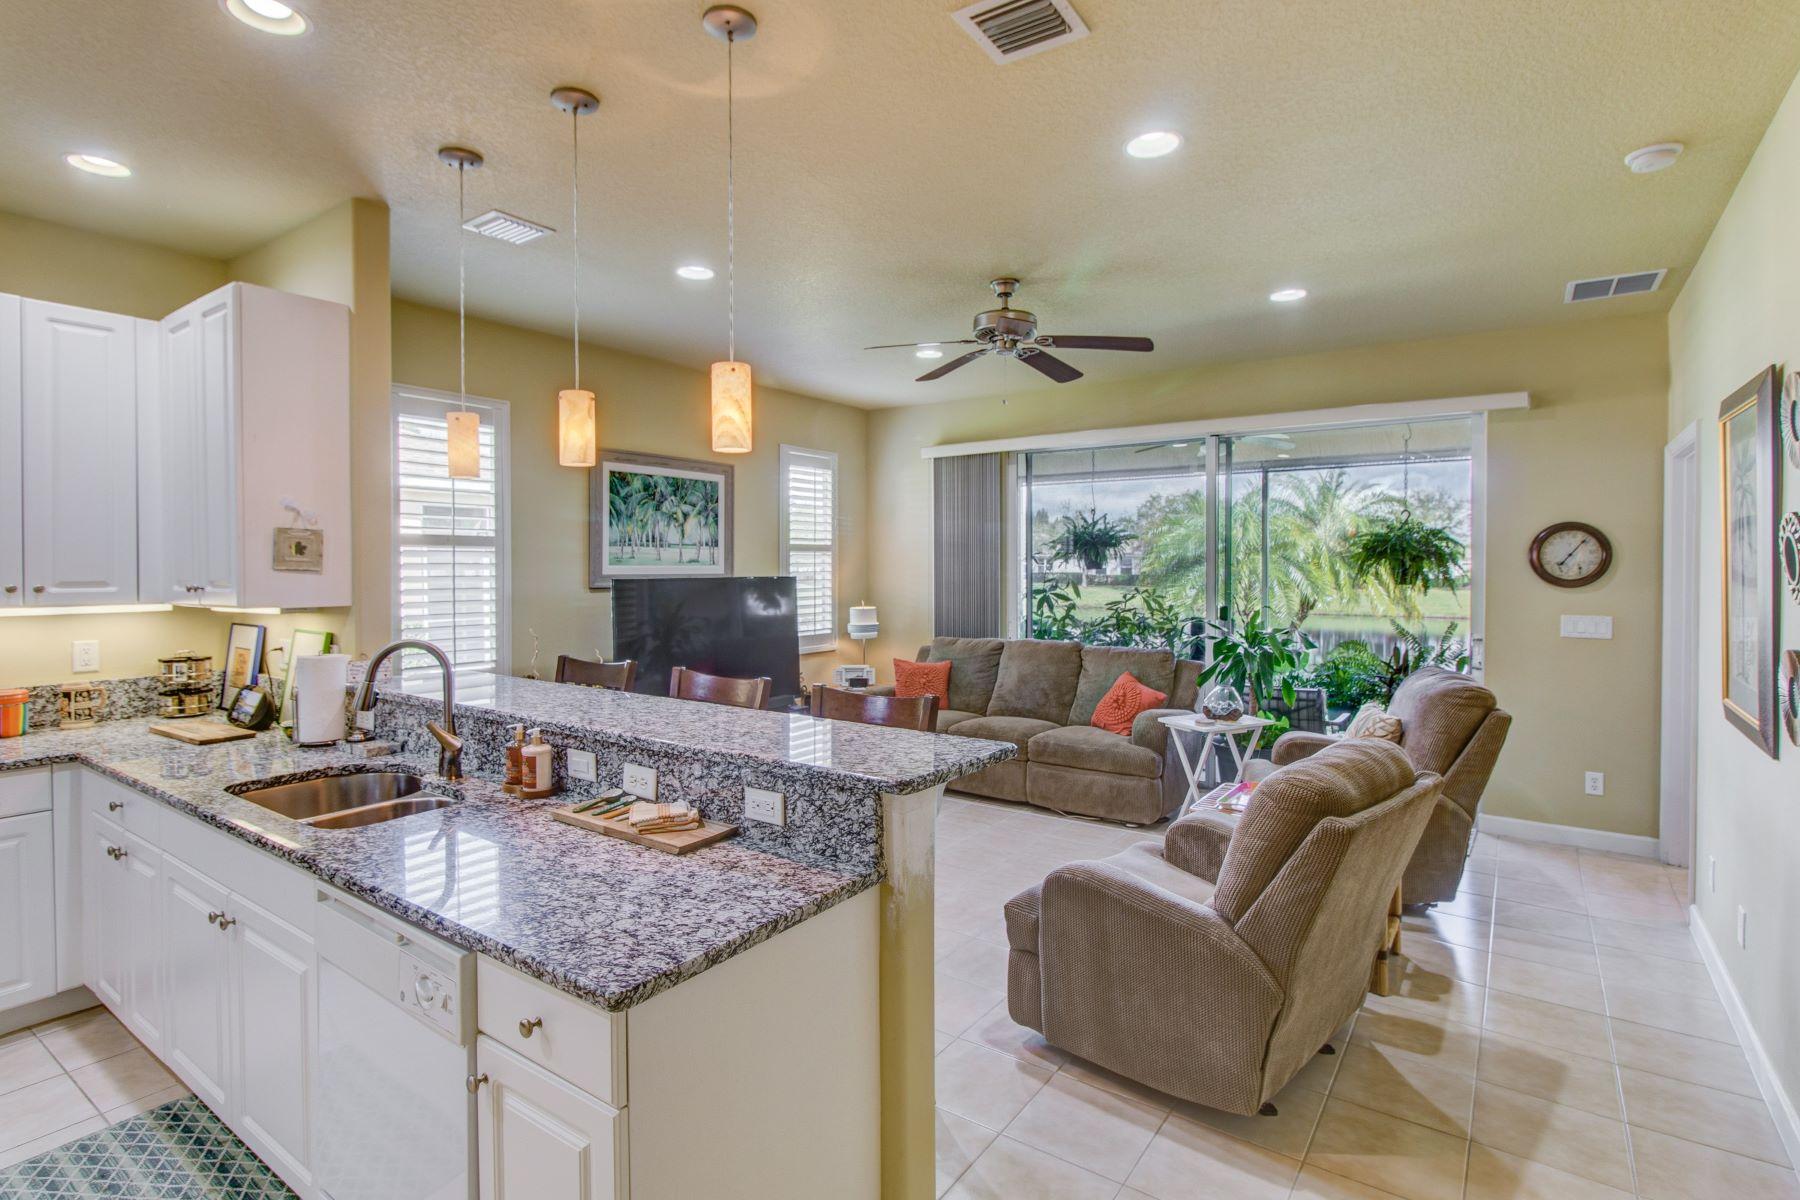 для того Продажа на 6648 Liberty Place Vero Beach, Флорида 32966 Соединенные Штаты